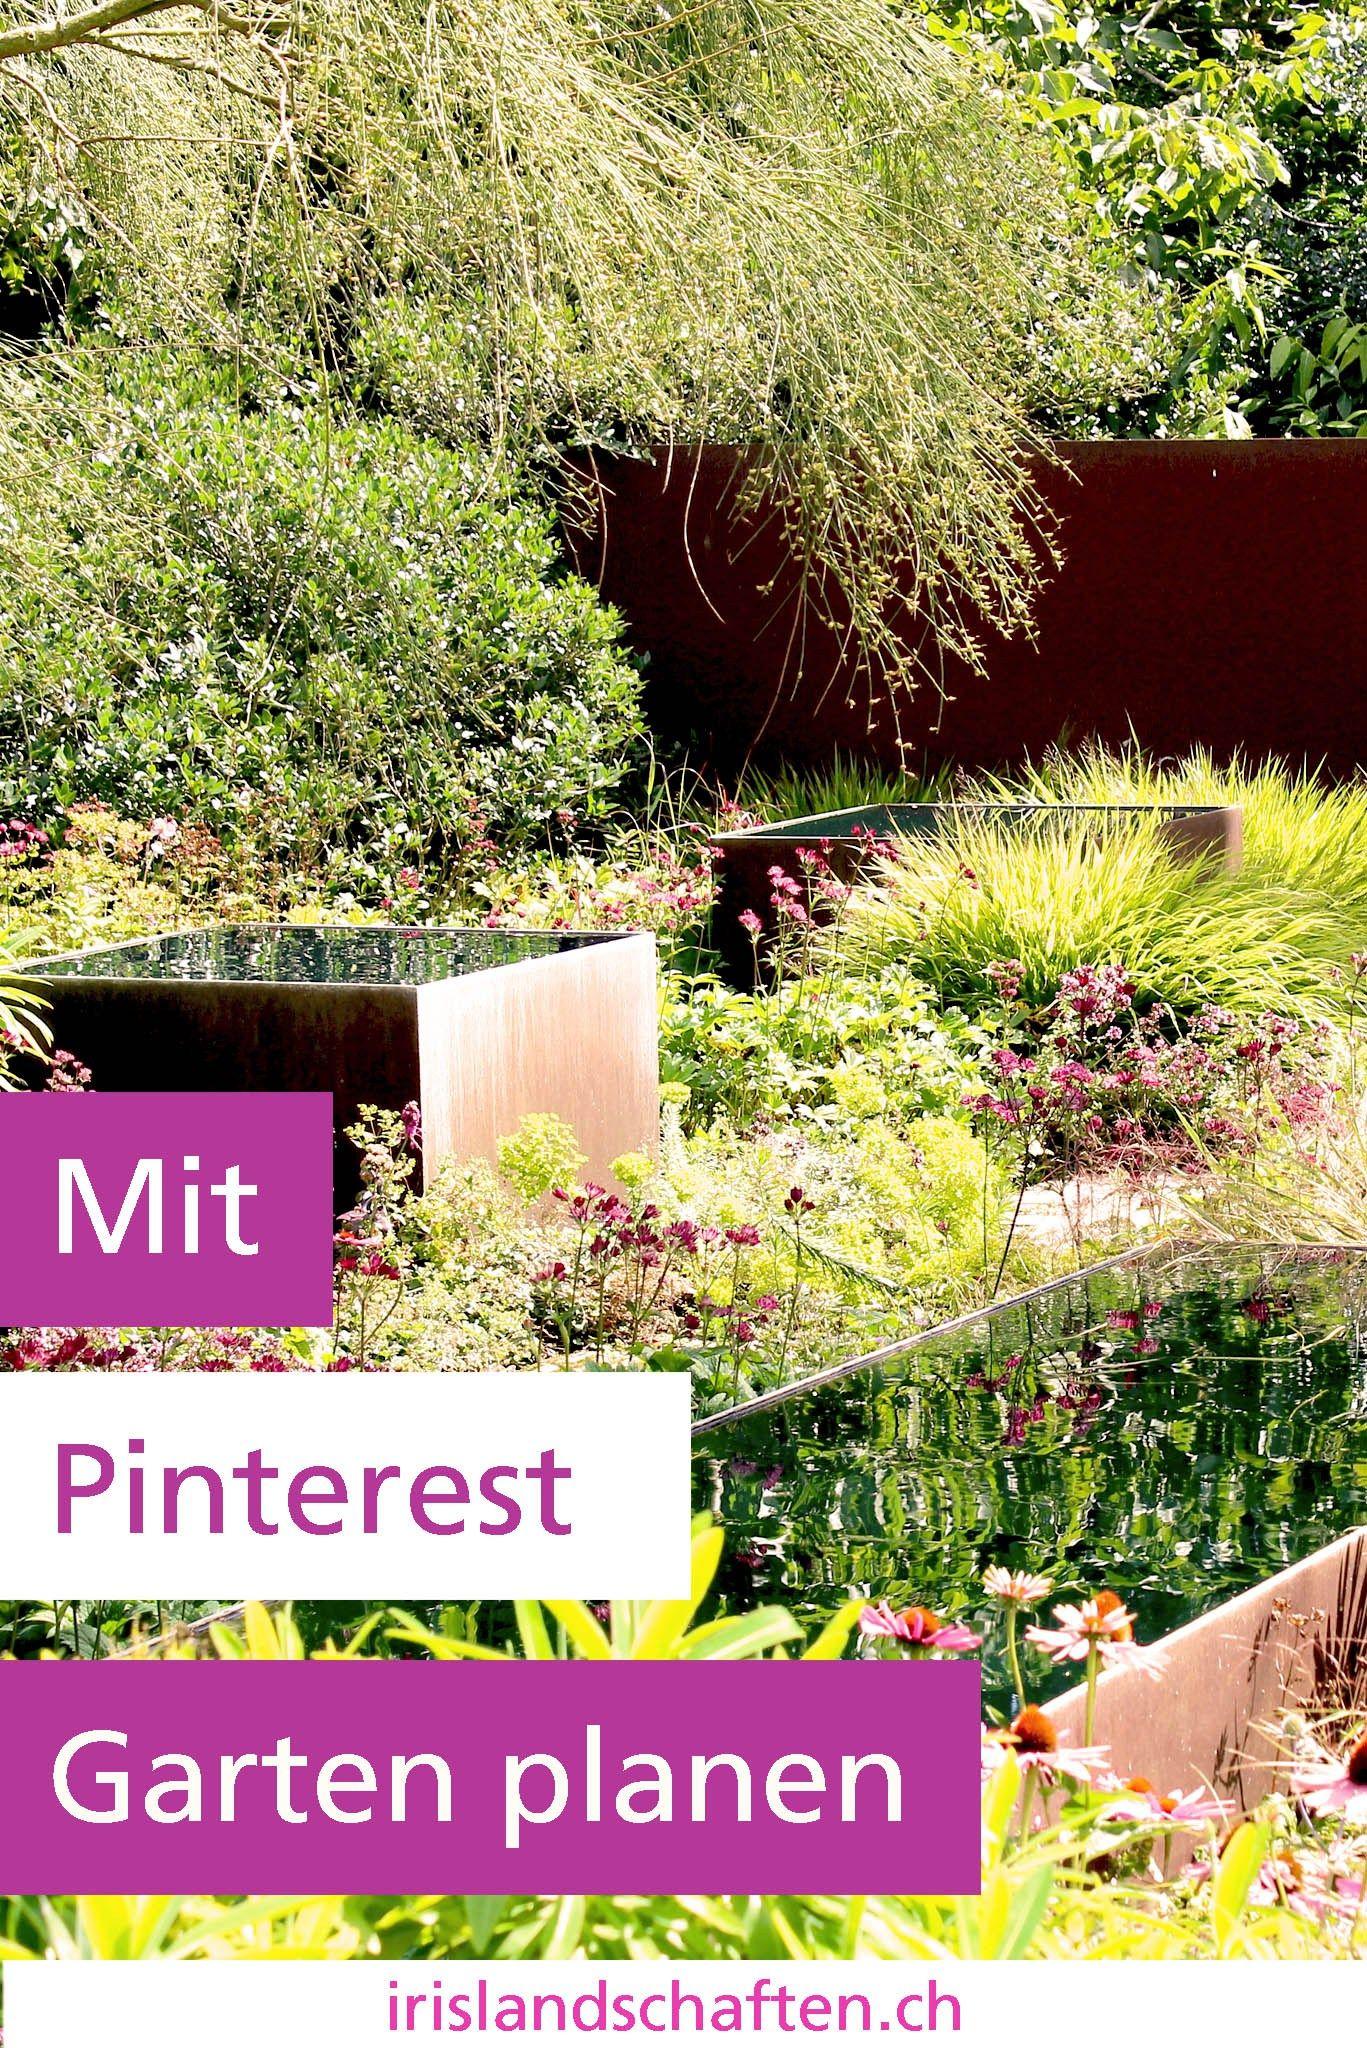 Mit Pinterest Garten Planen Irislandschaften Ch Garten Planen Garten Pflanzen